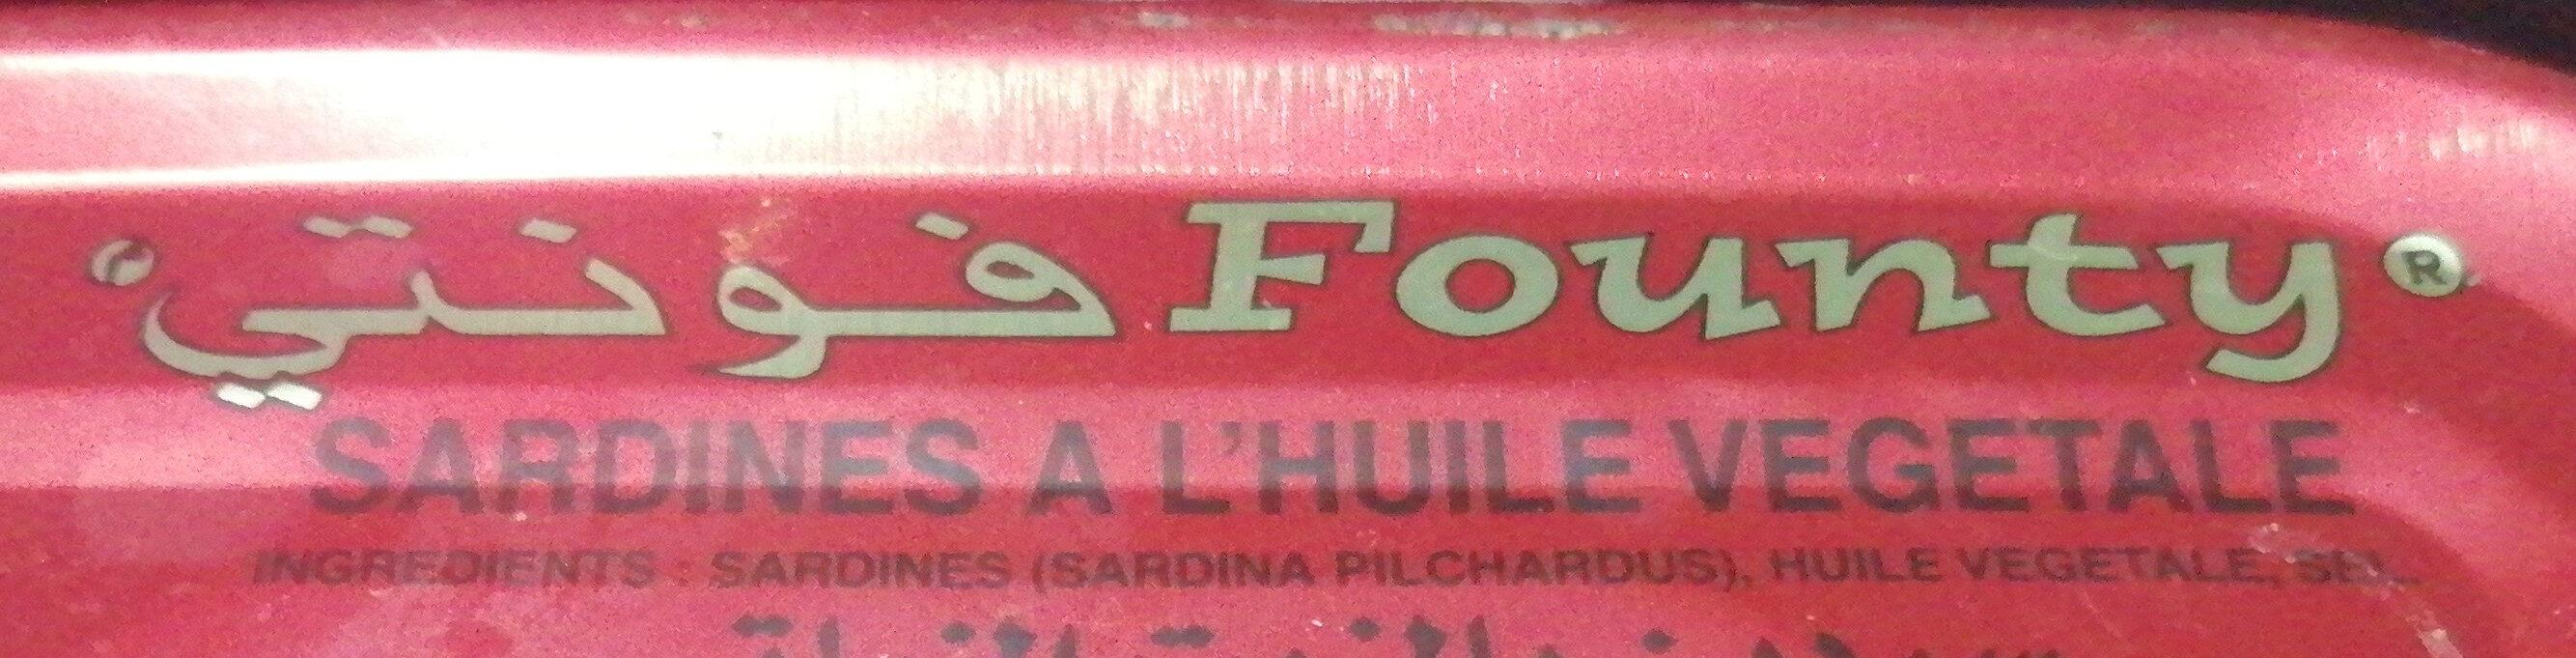 Sardines à l'huile végétale - Ingrédients - fr